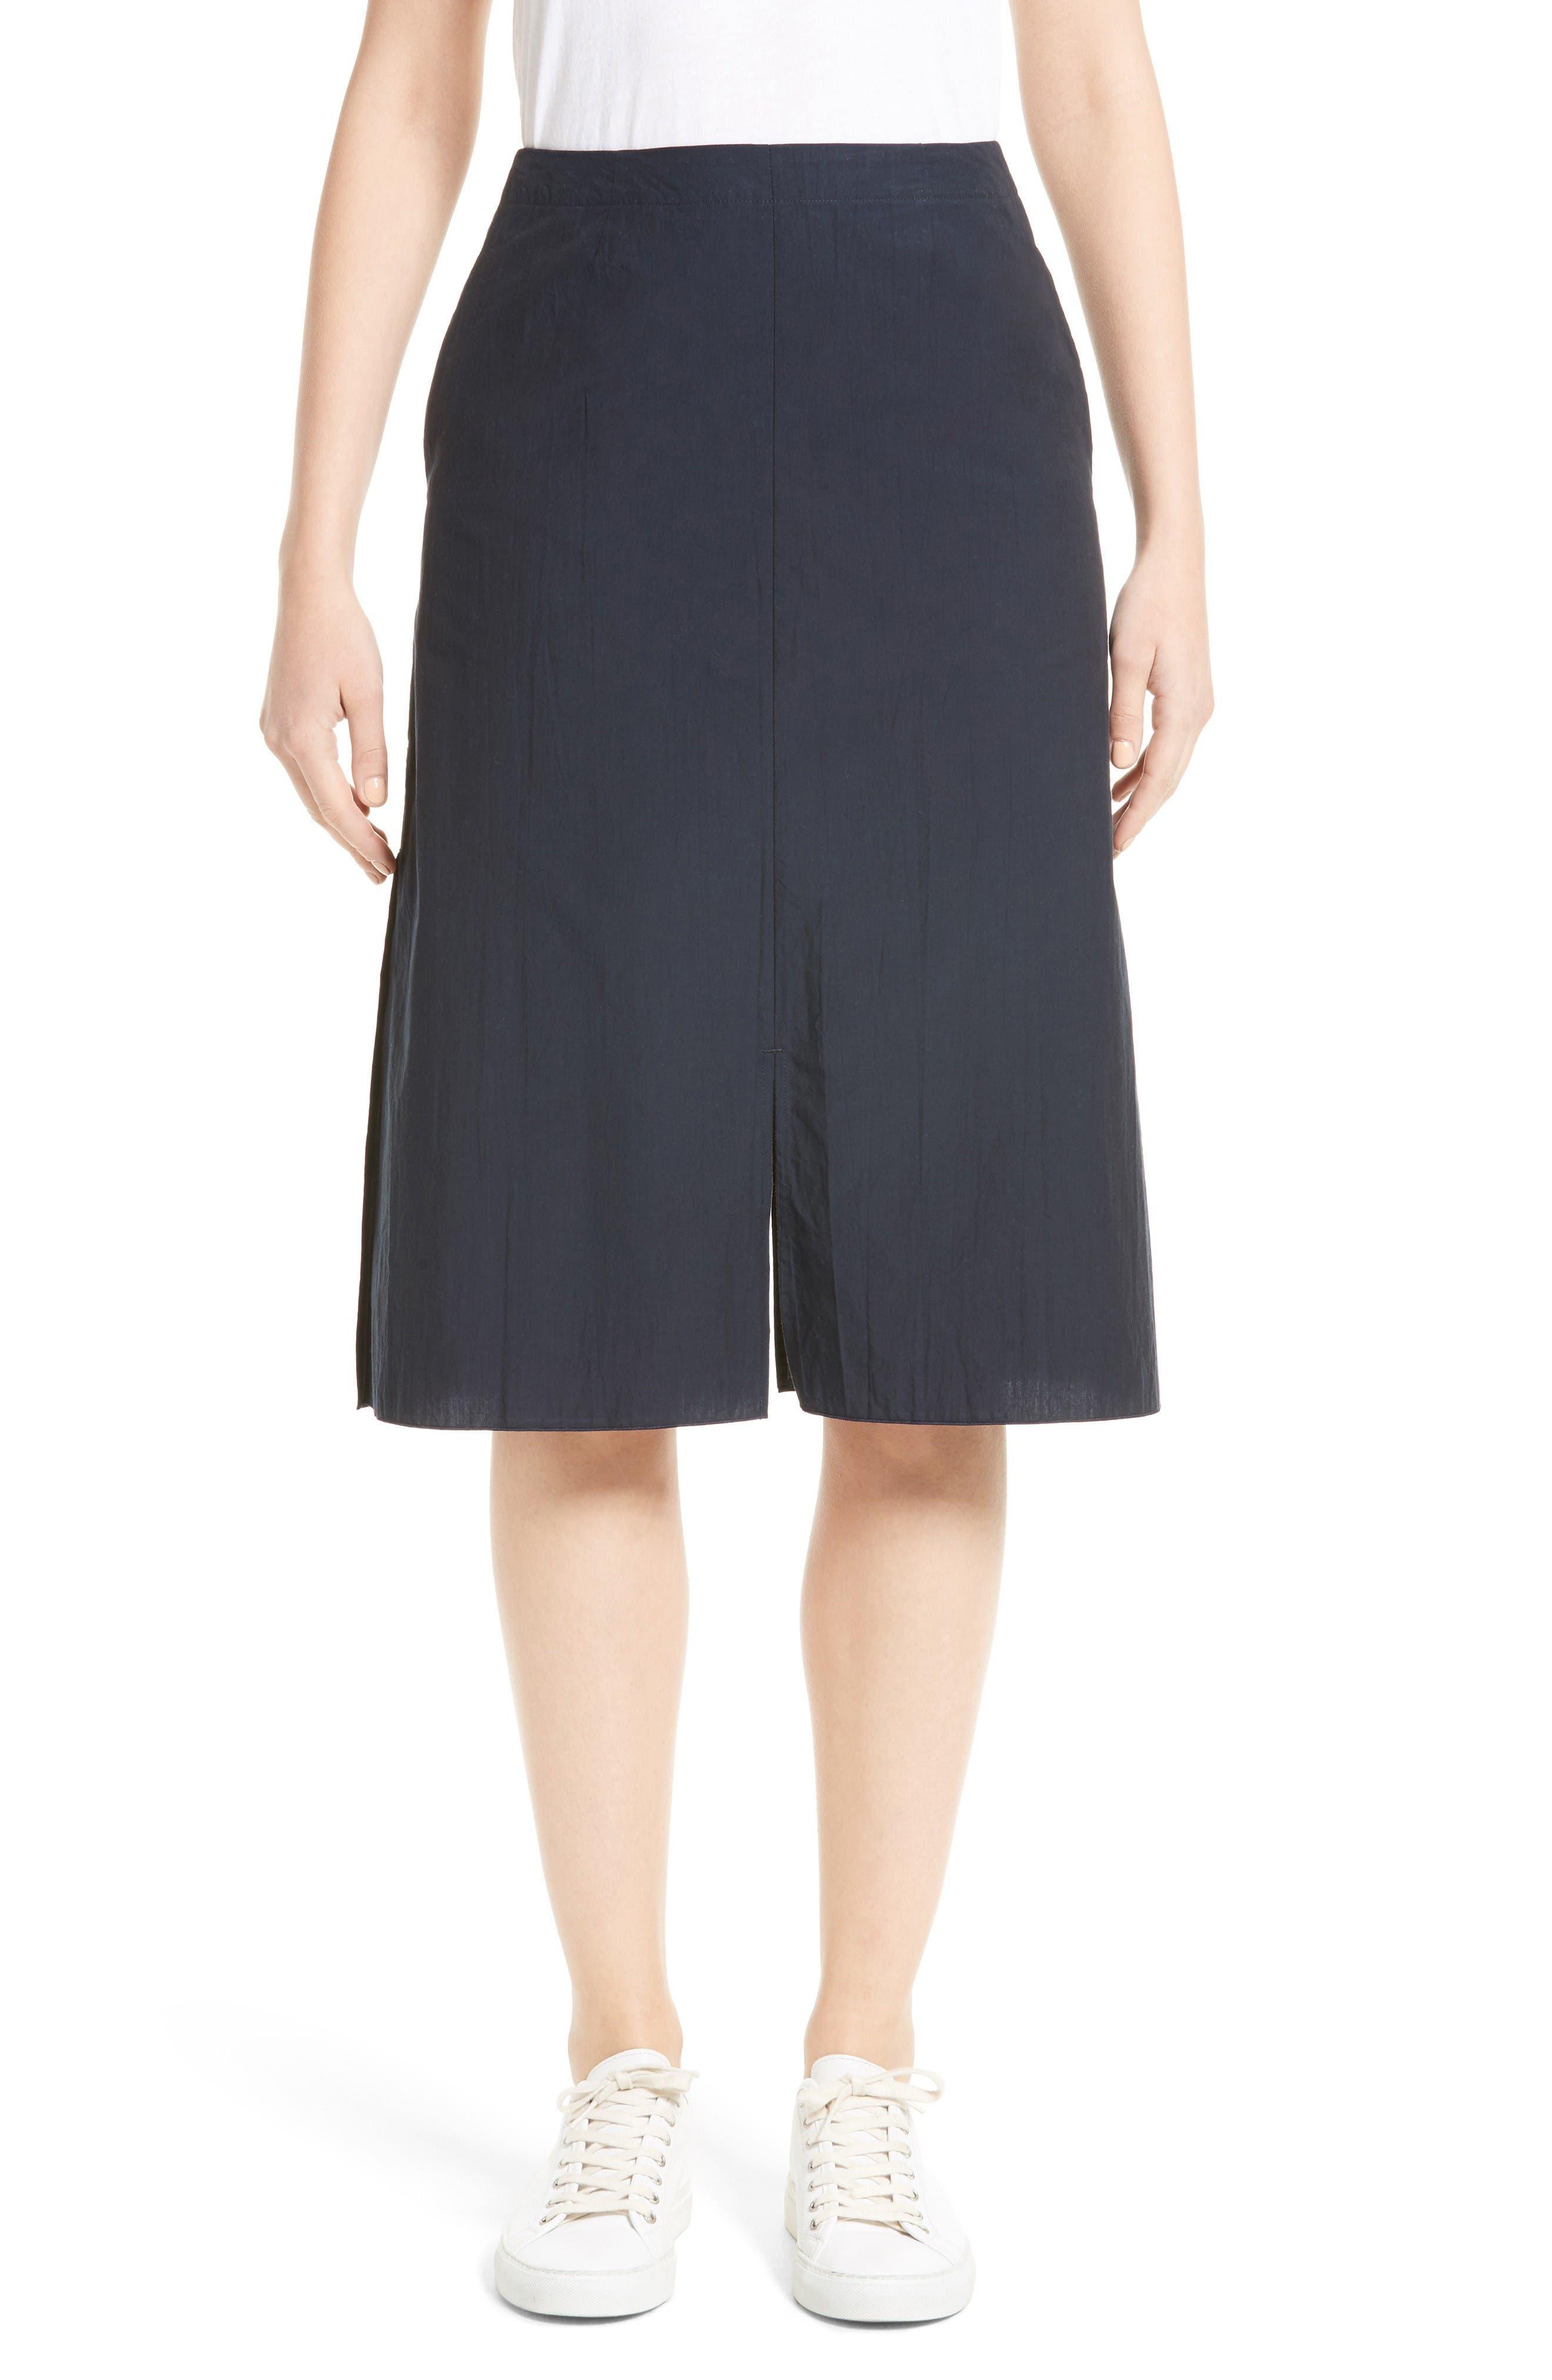 JULIEN DAVID Washed Cotton Shirting Skirt